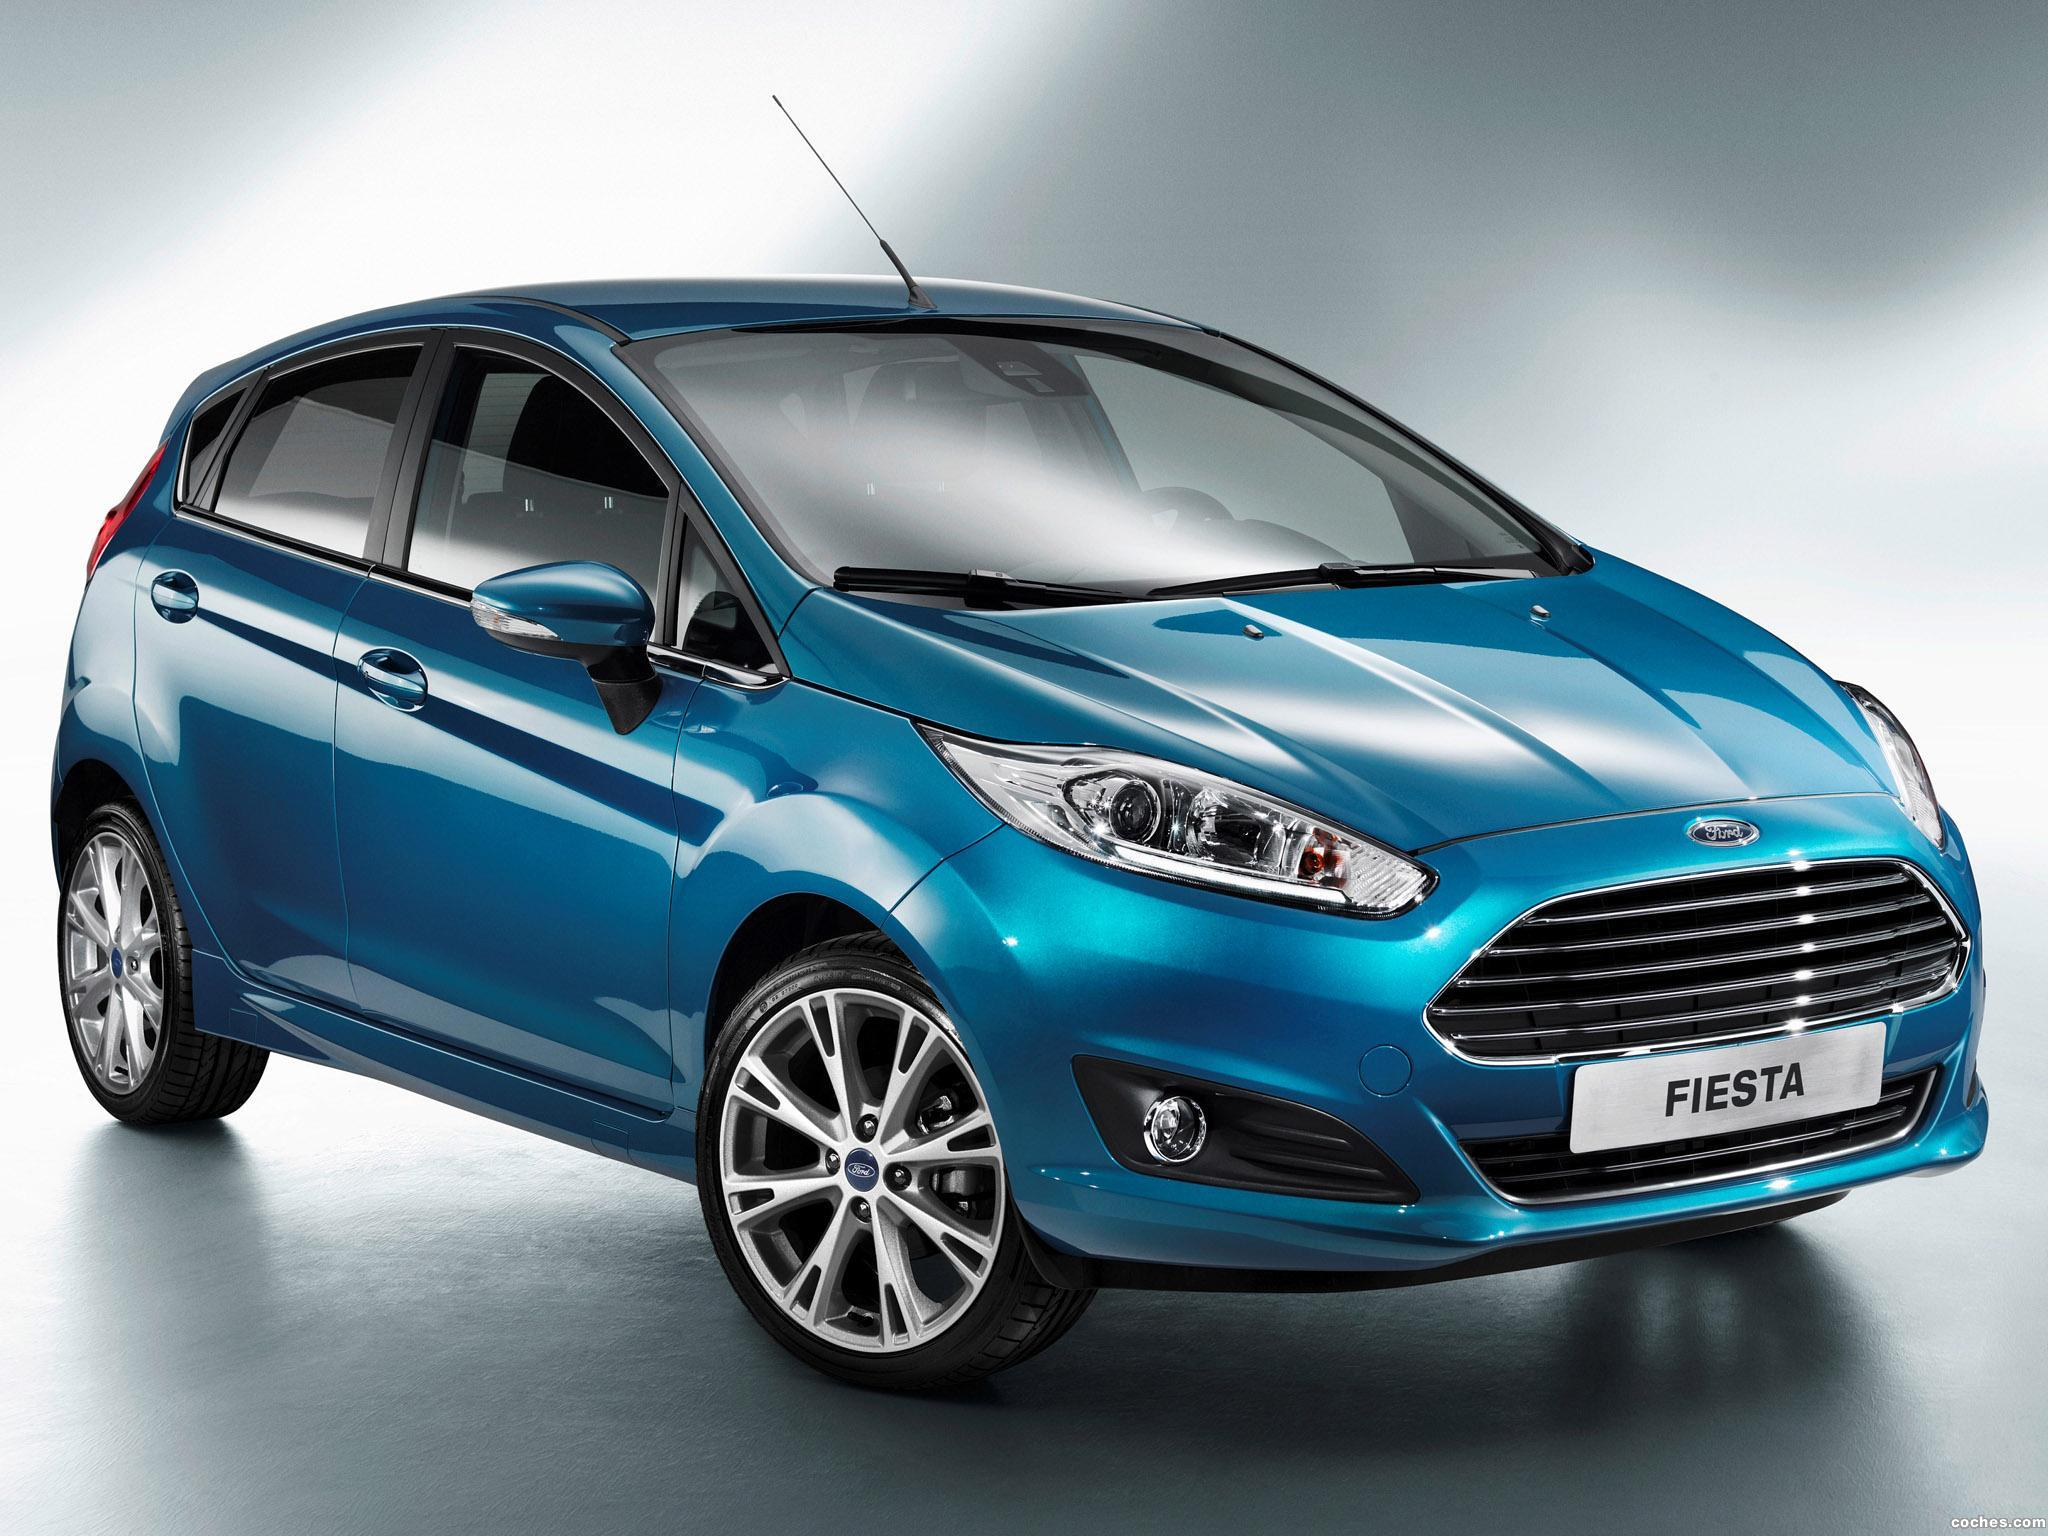 Foto 0 de Ford Fiesta 5 puertas 2013